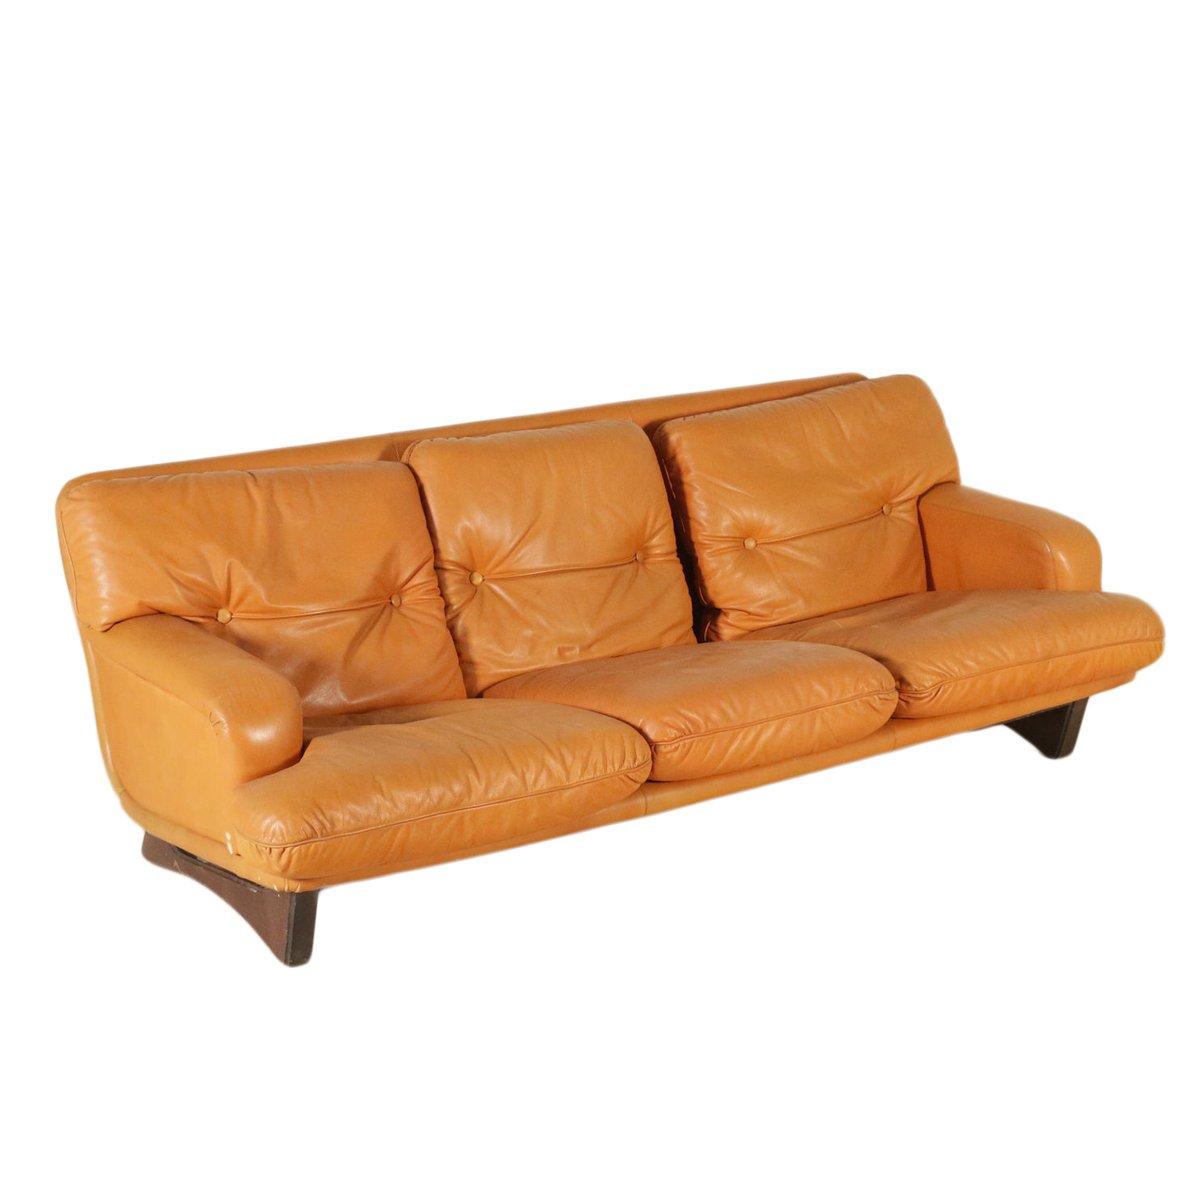 canap en cuir et rembourrage mousse 1960s en vente sur pamono. Black Bedroom Furniture Sets. Home Design Ideas